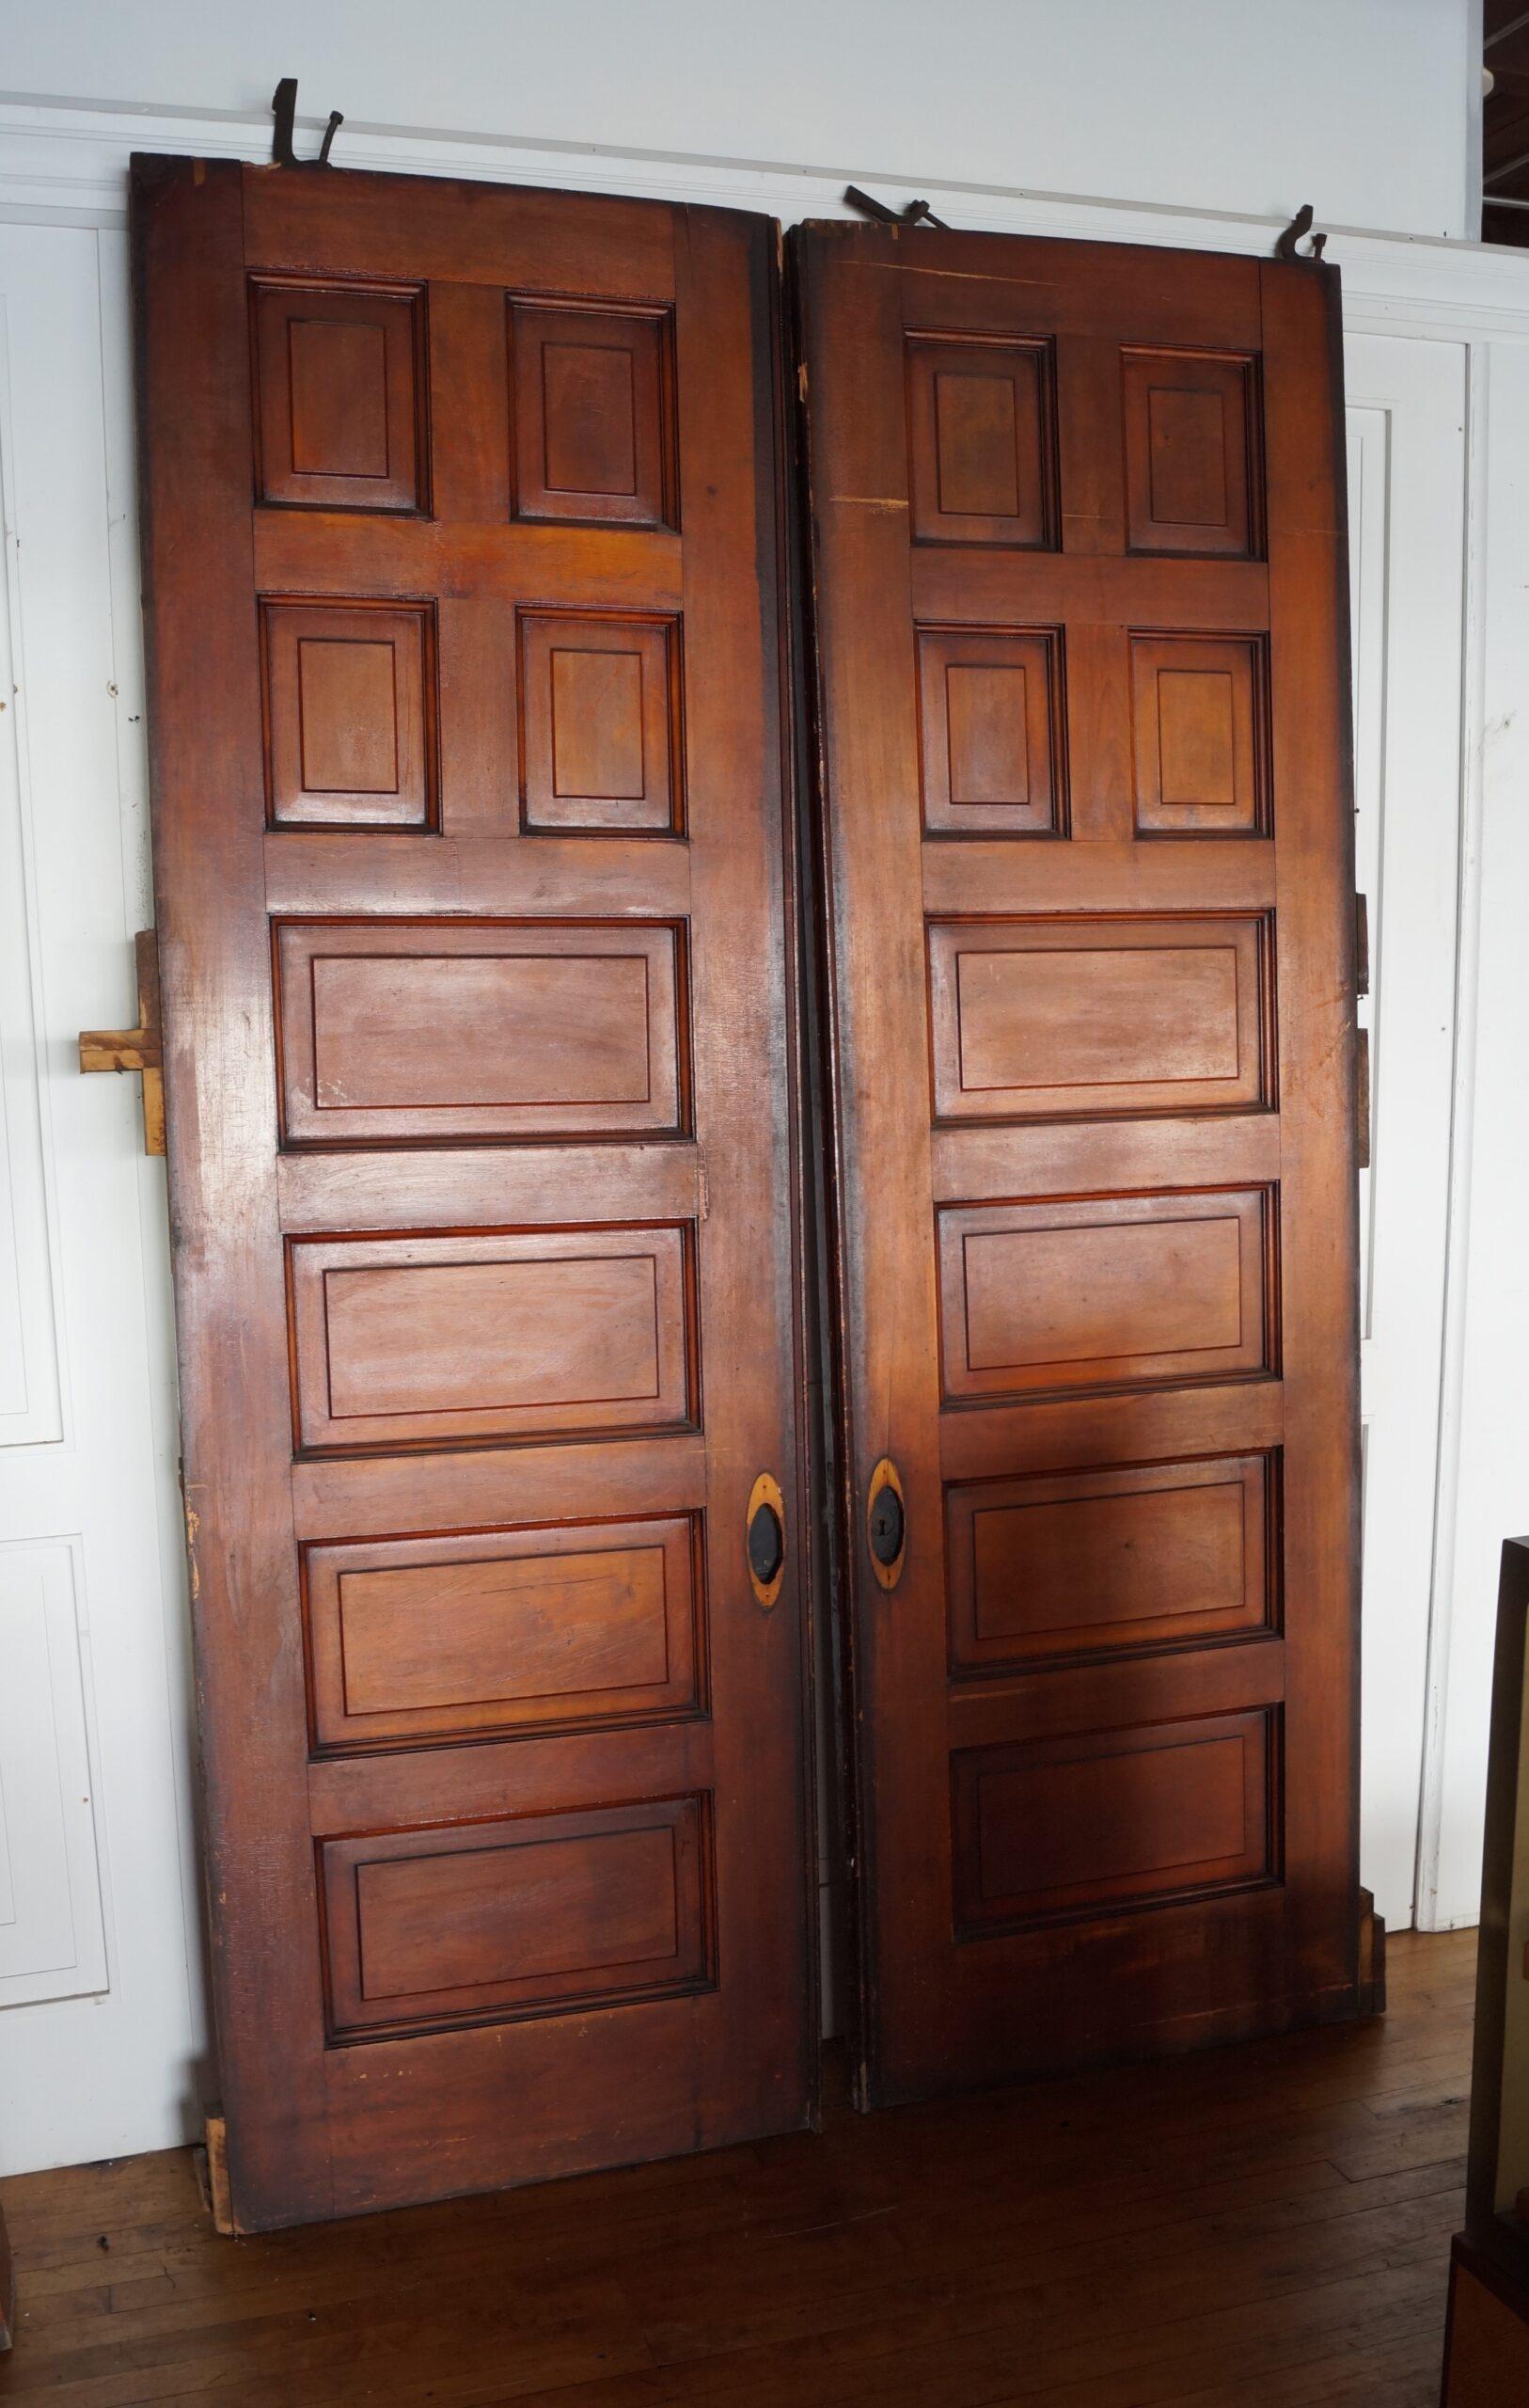 8 Panel Door : panel, Panel, Pocket, Salvage